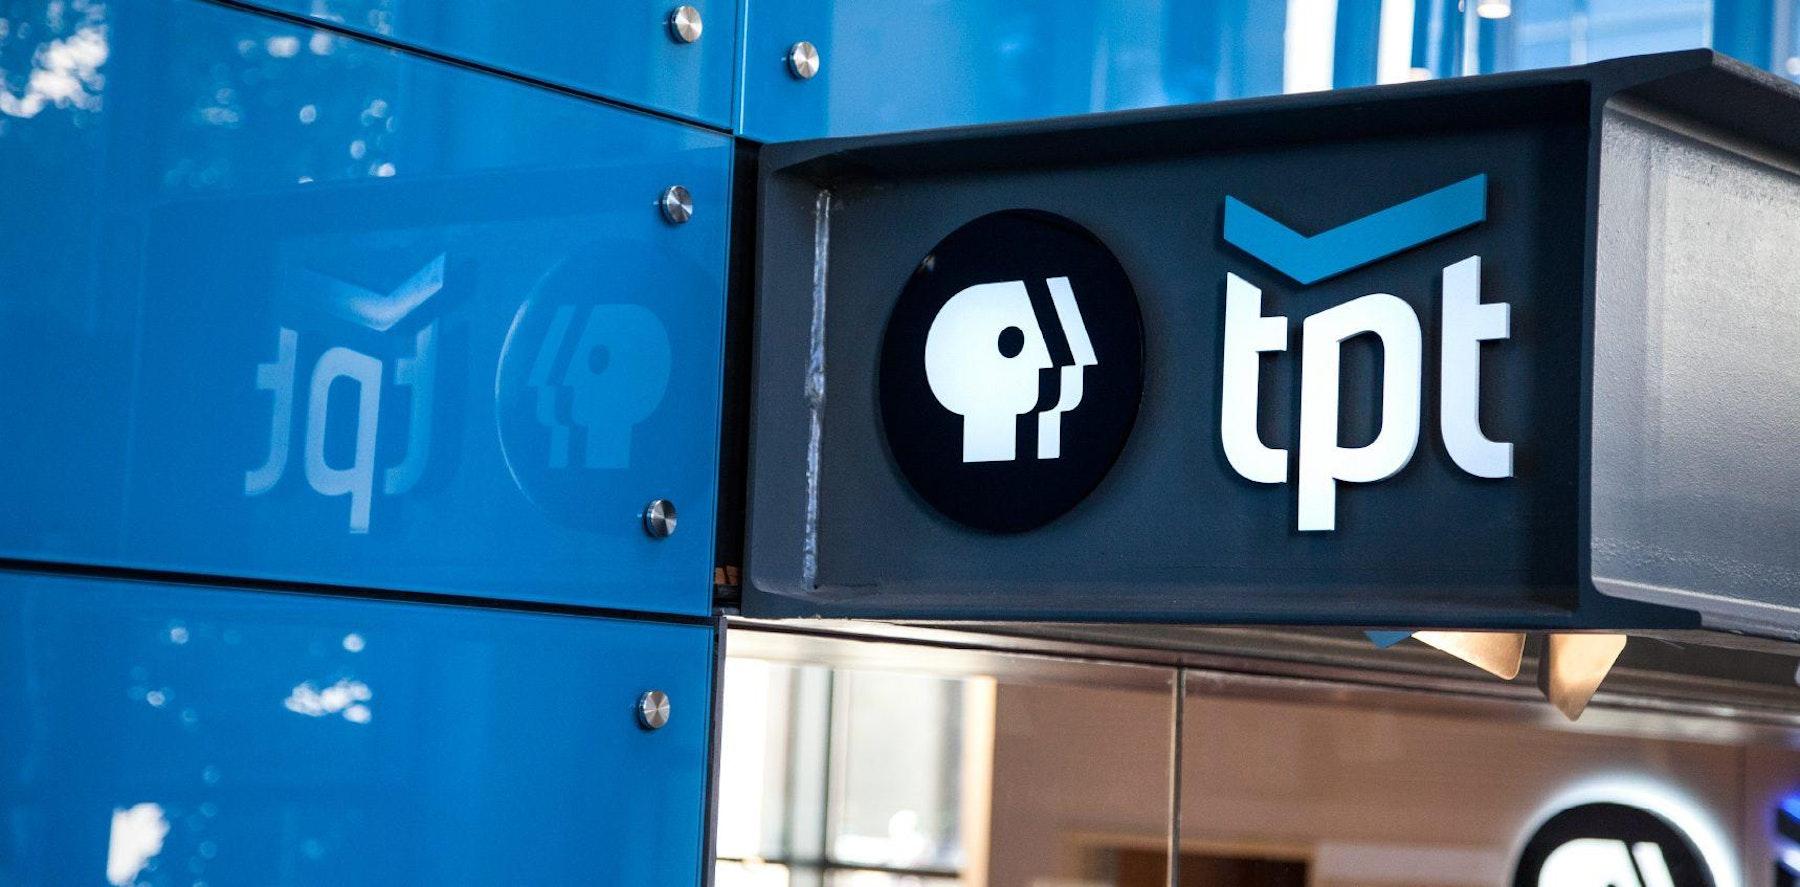 TPT Signage A